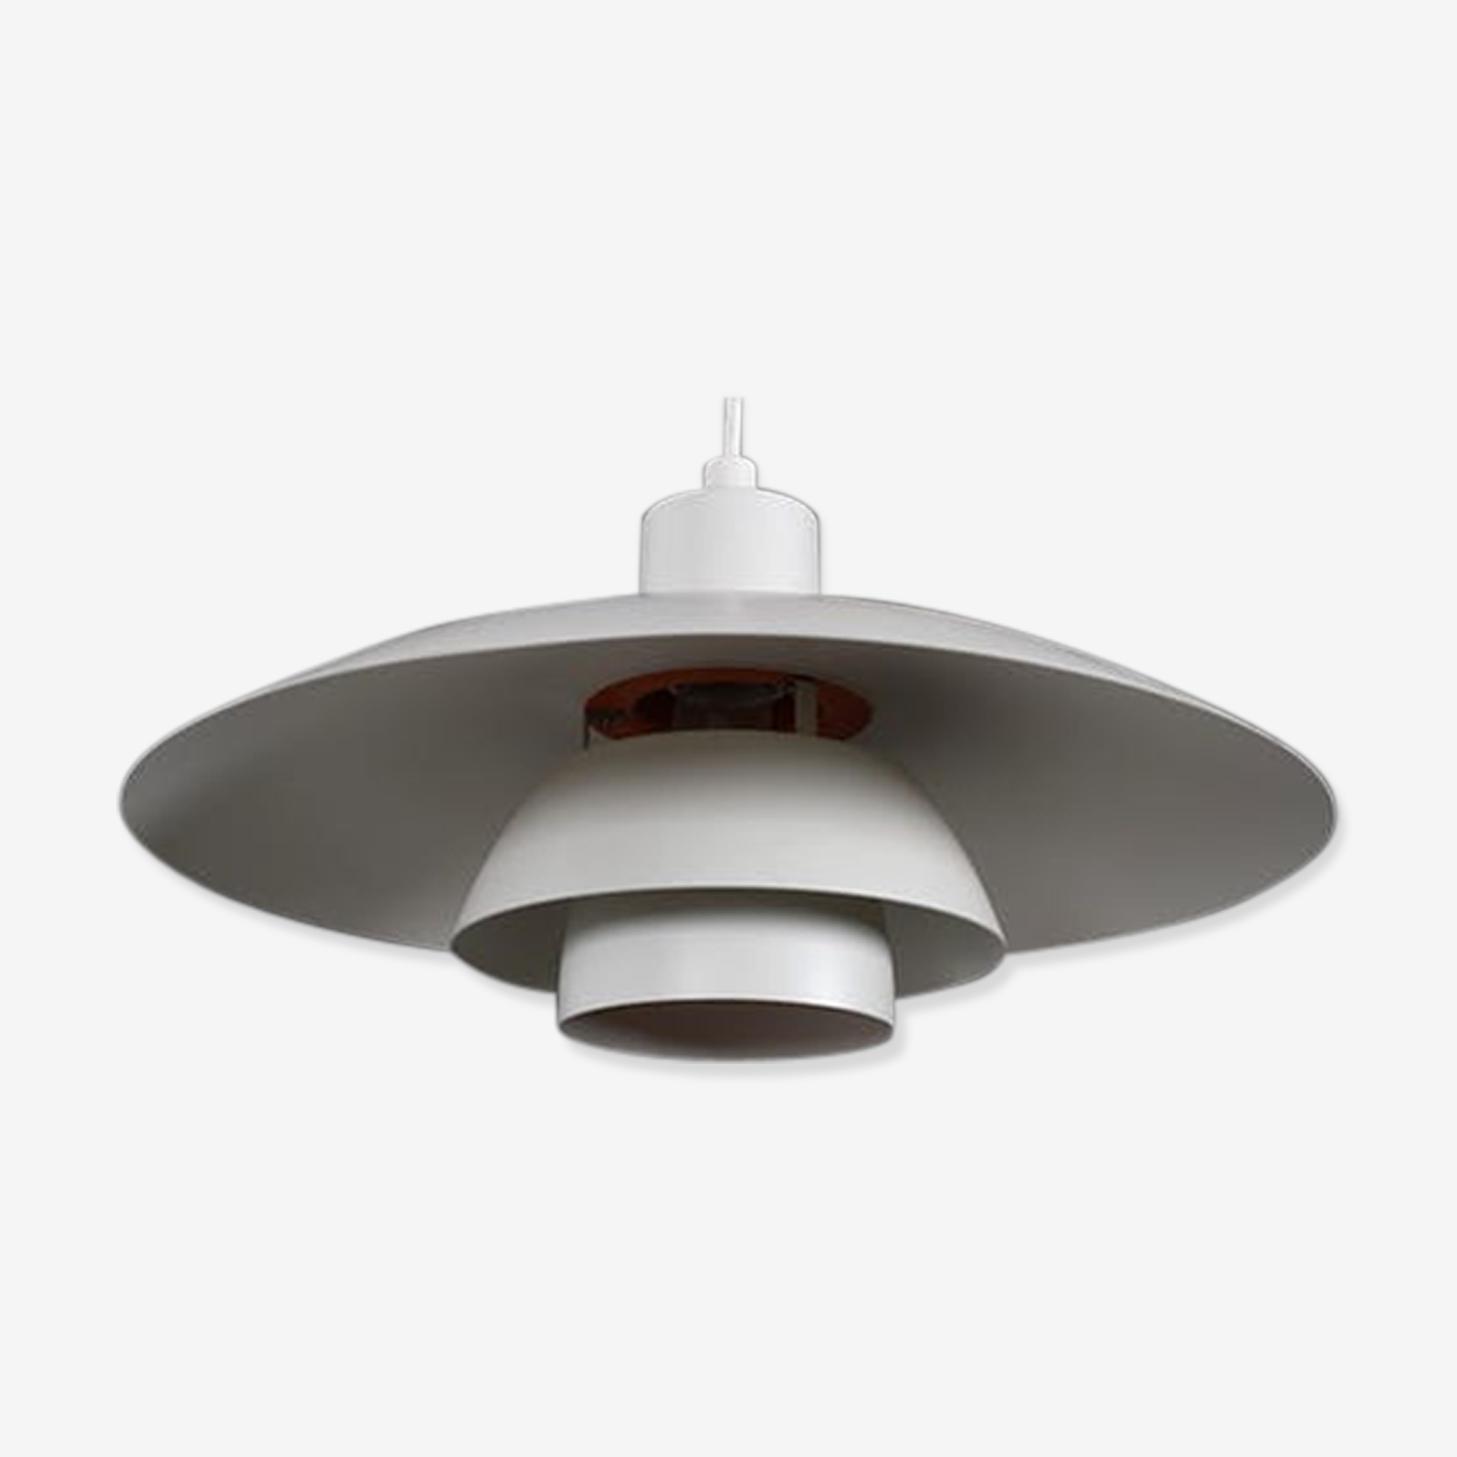 Hanging lamp Poul Henningsen PH 4/3